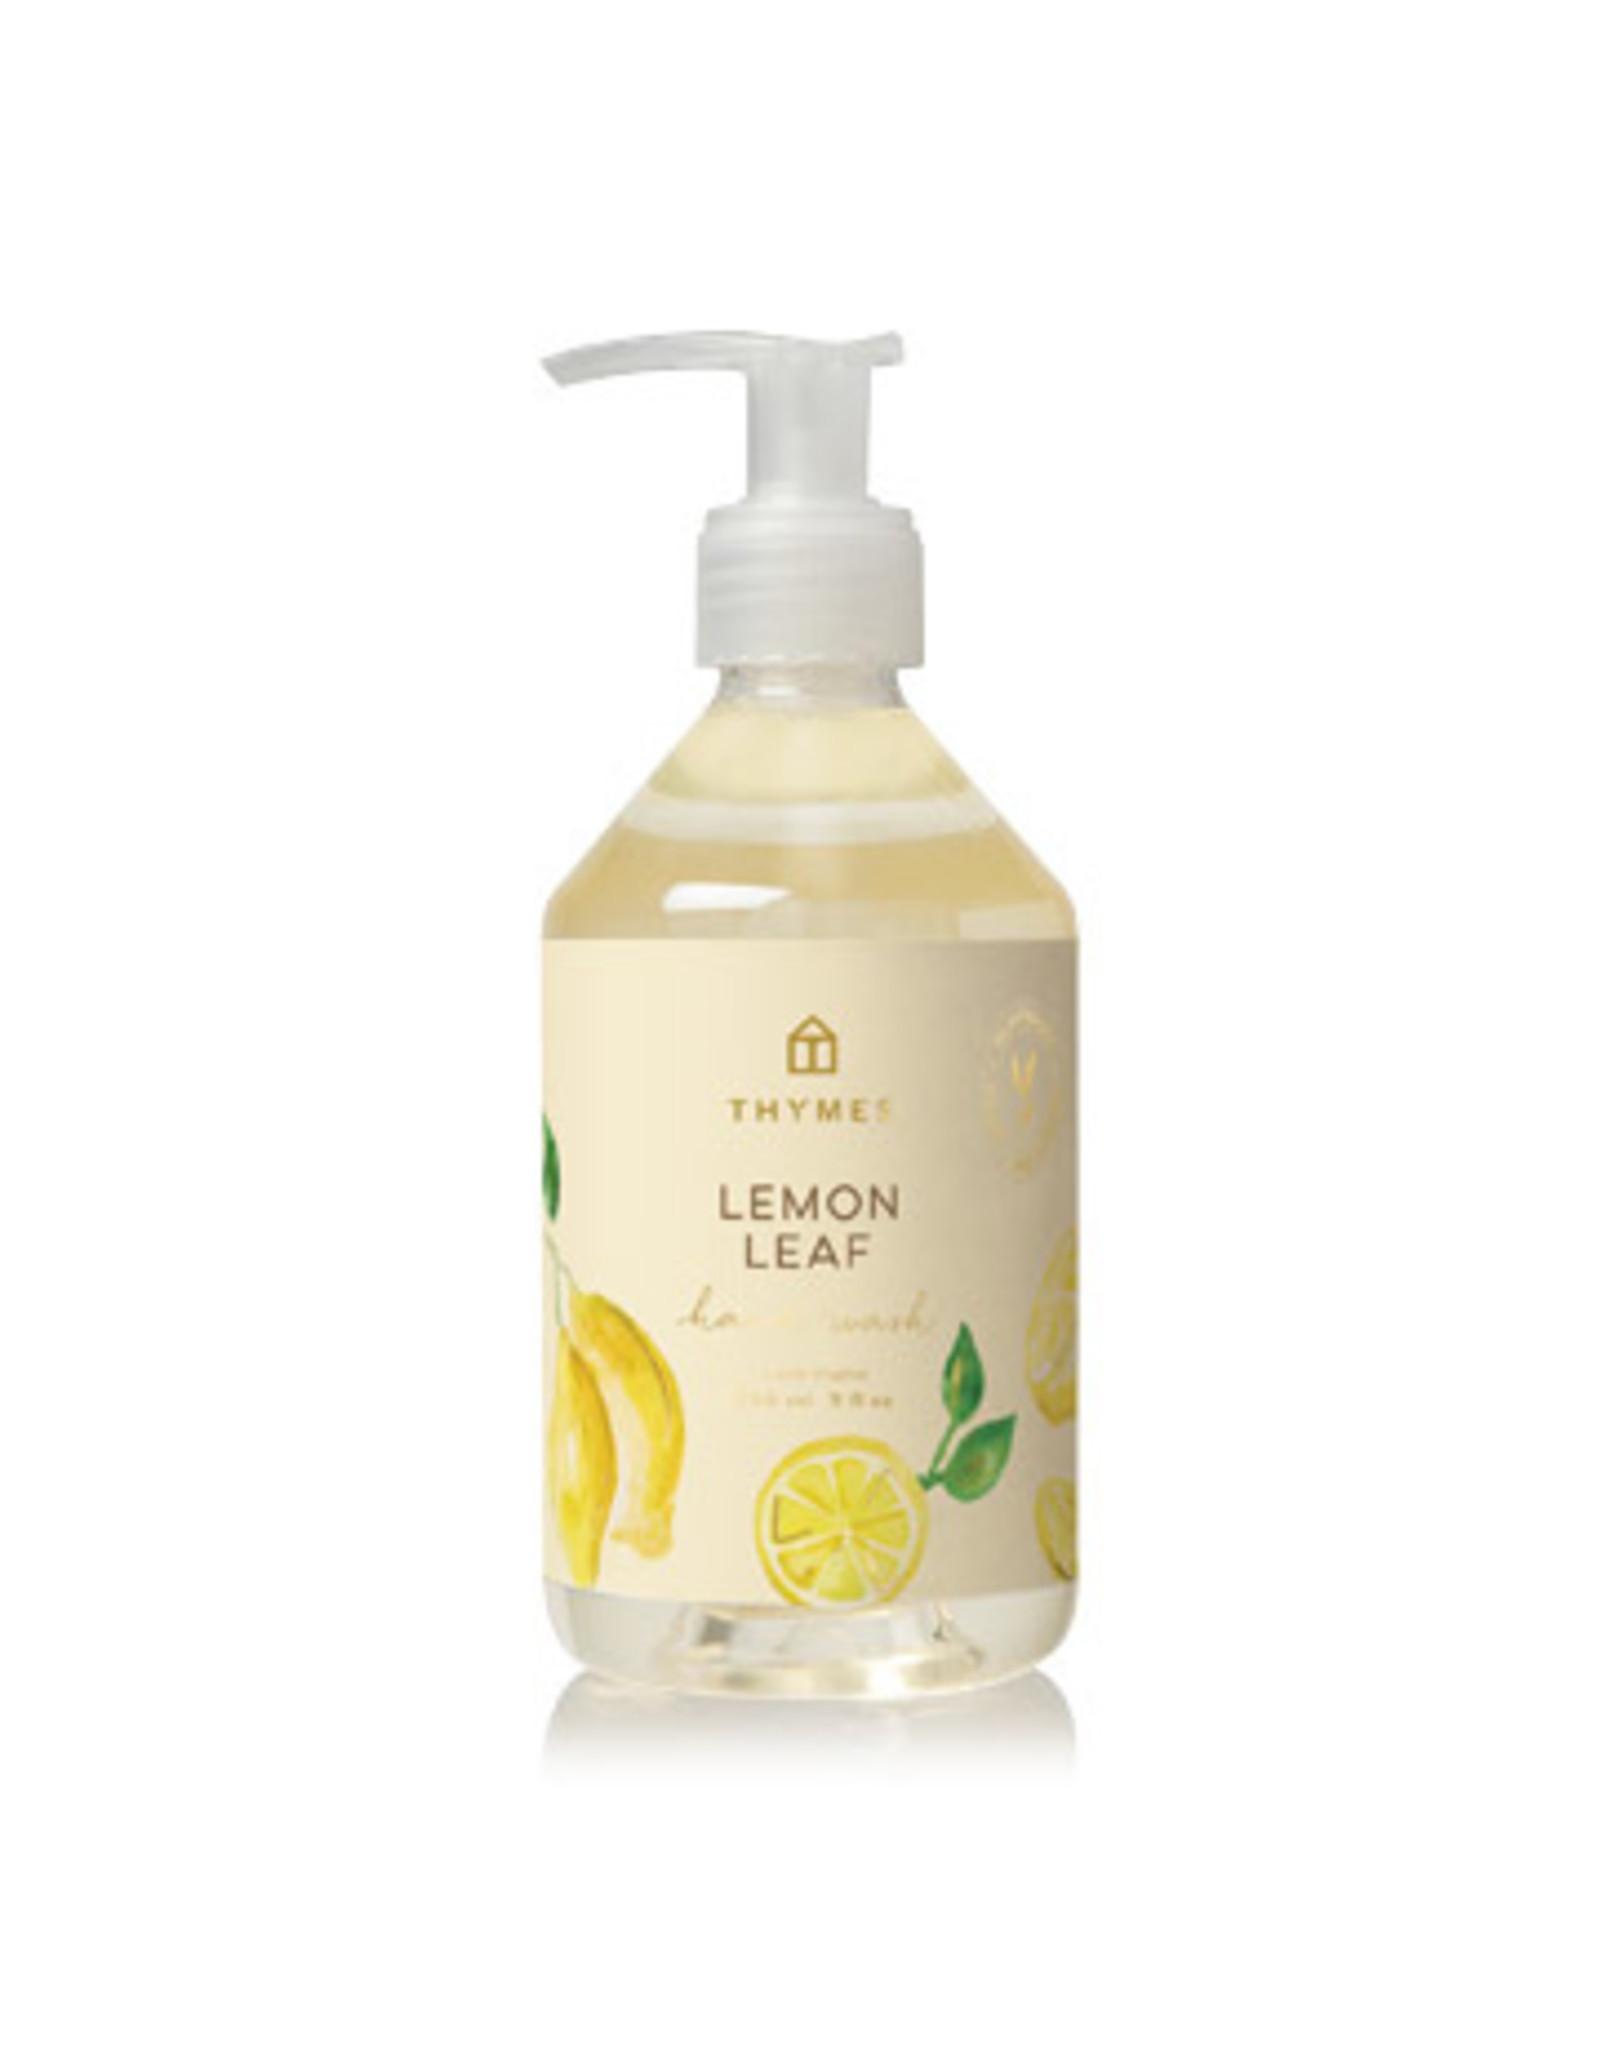 Thymes Lemon Leaf Hand Wash 15oz